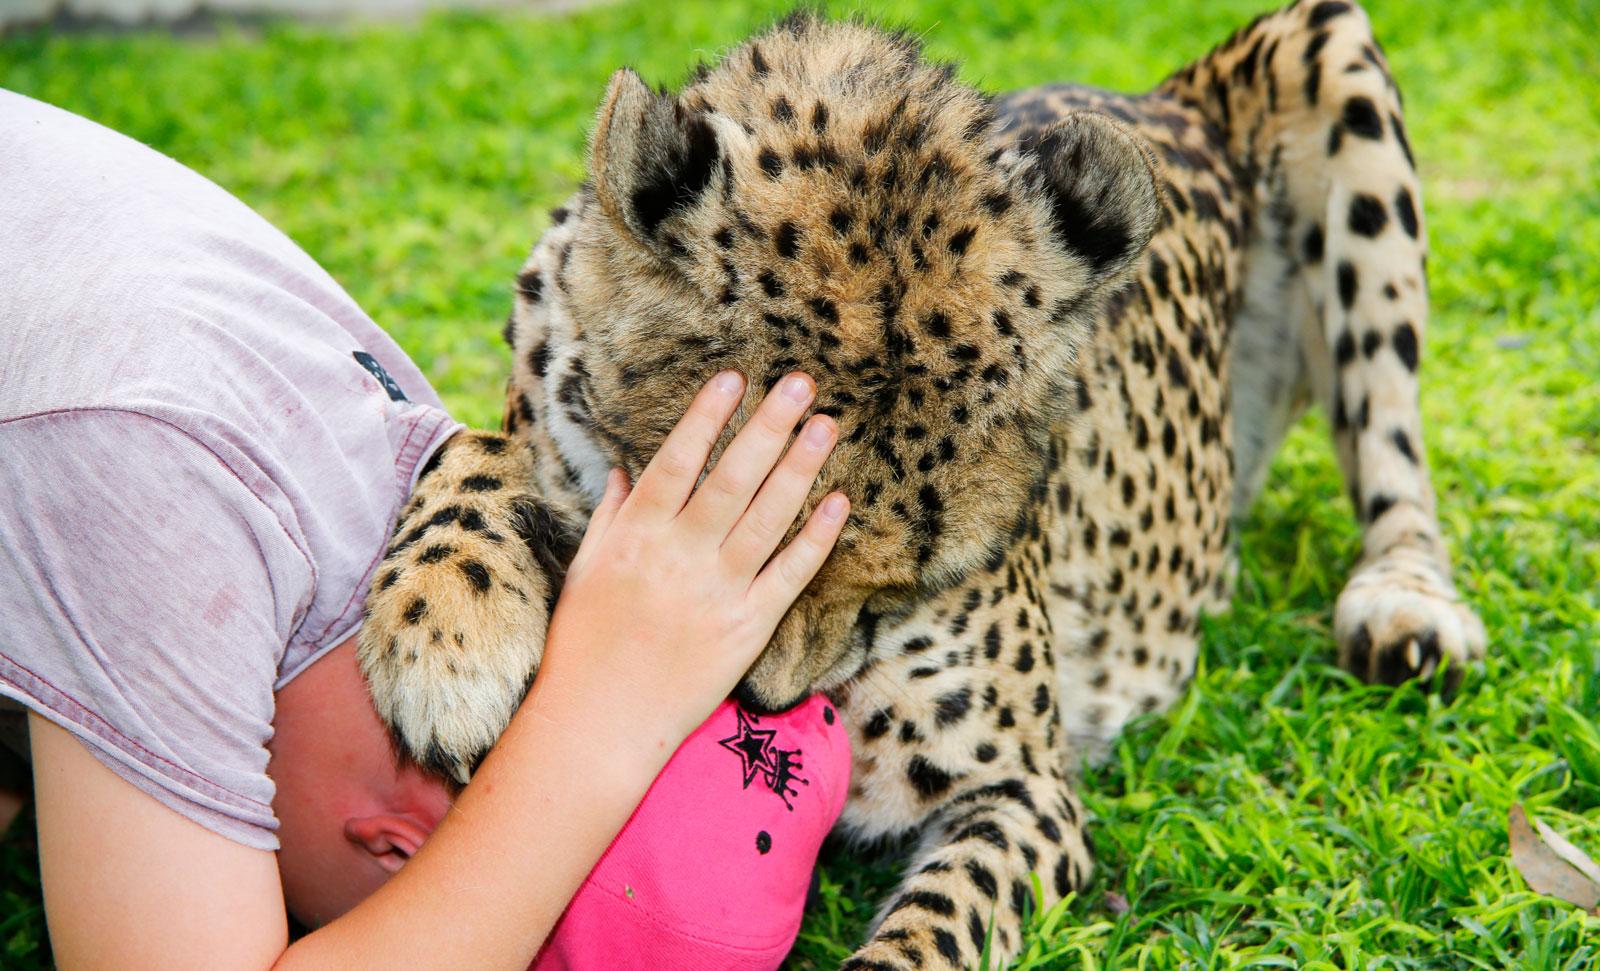 Busiga gepardungar tar effektivt kepsen från Kalle.